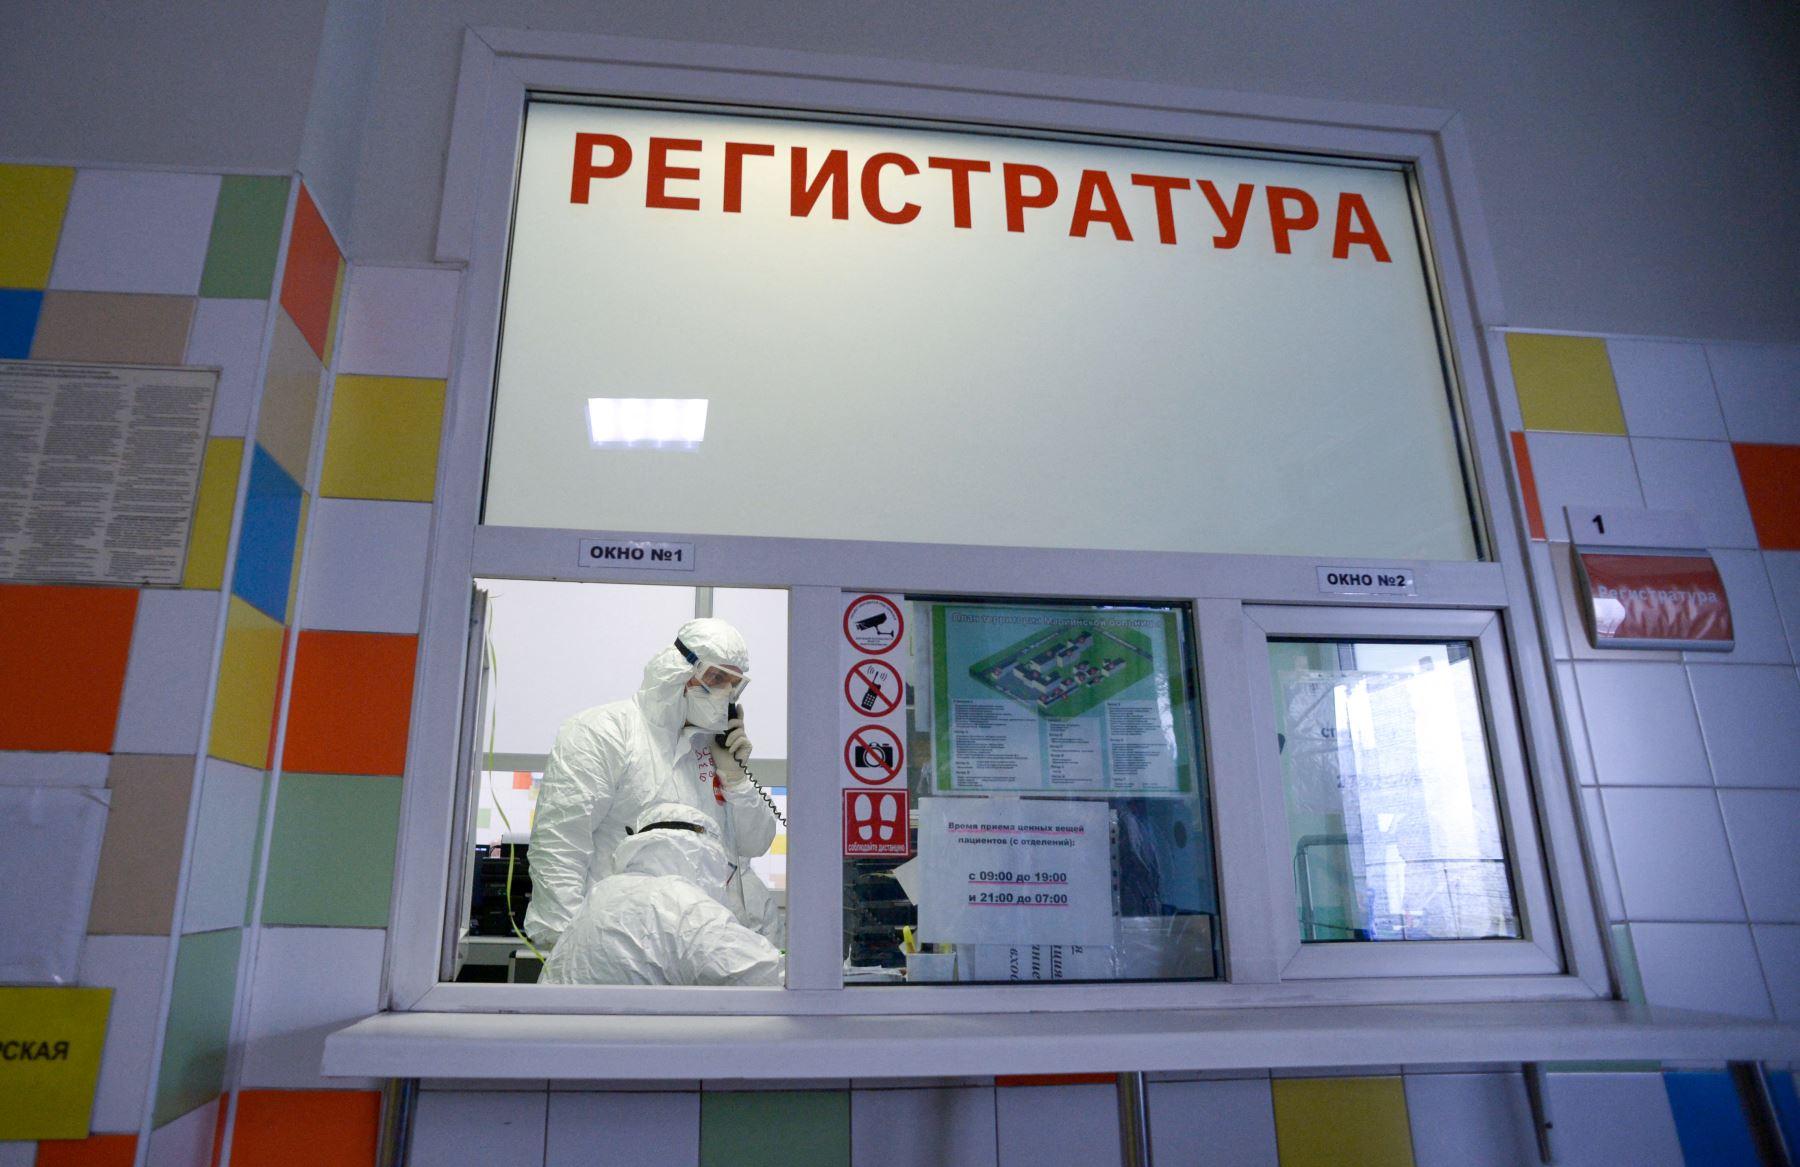 Rusia registra 780 muertes por covid-19, un récord desde inicio de la pandemia